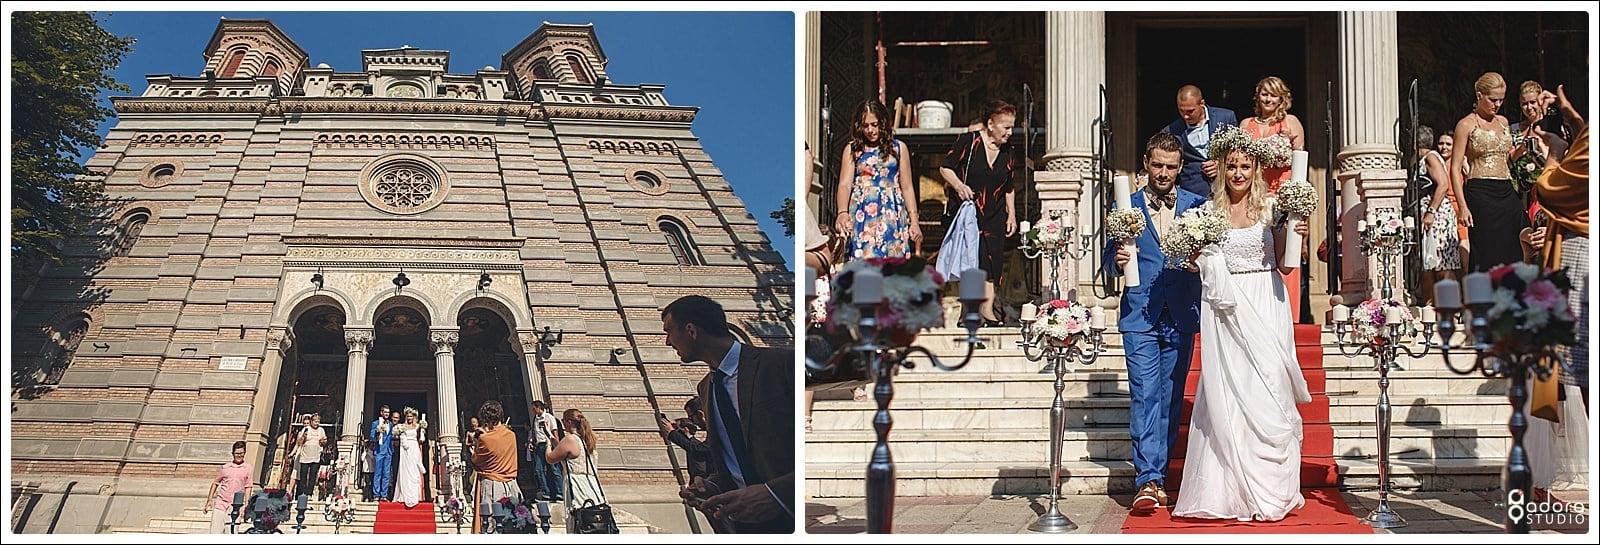 poze_nunta_Catedrala_Constanta